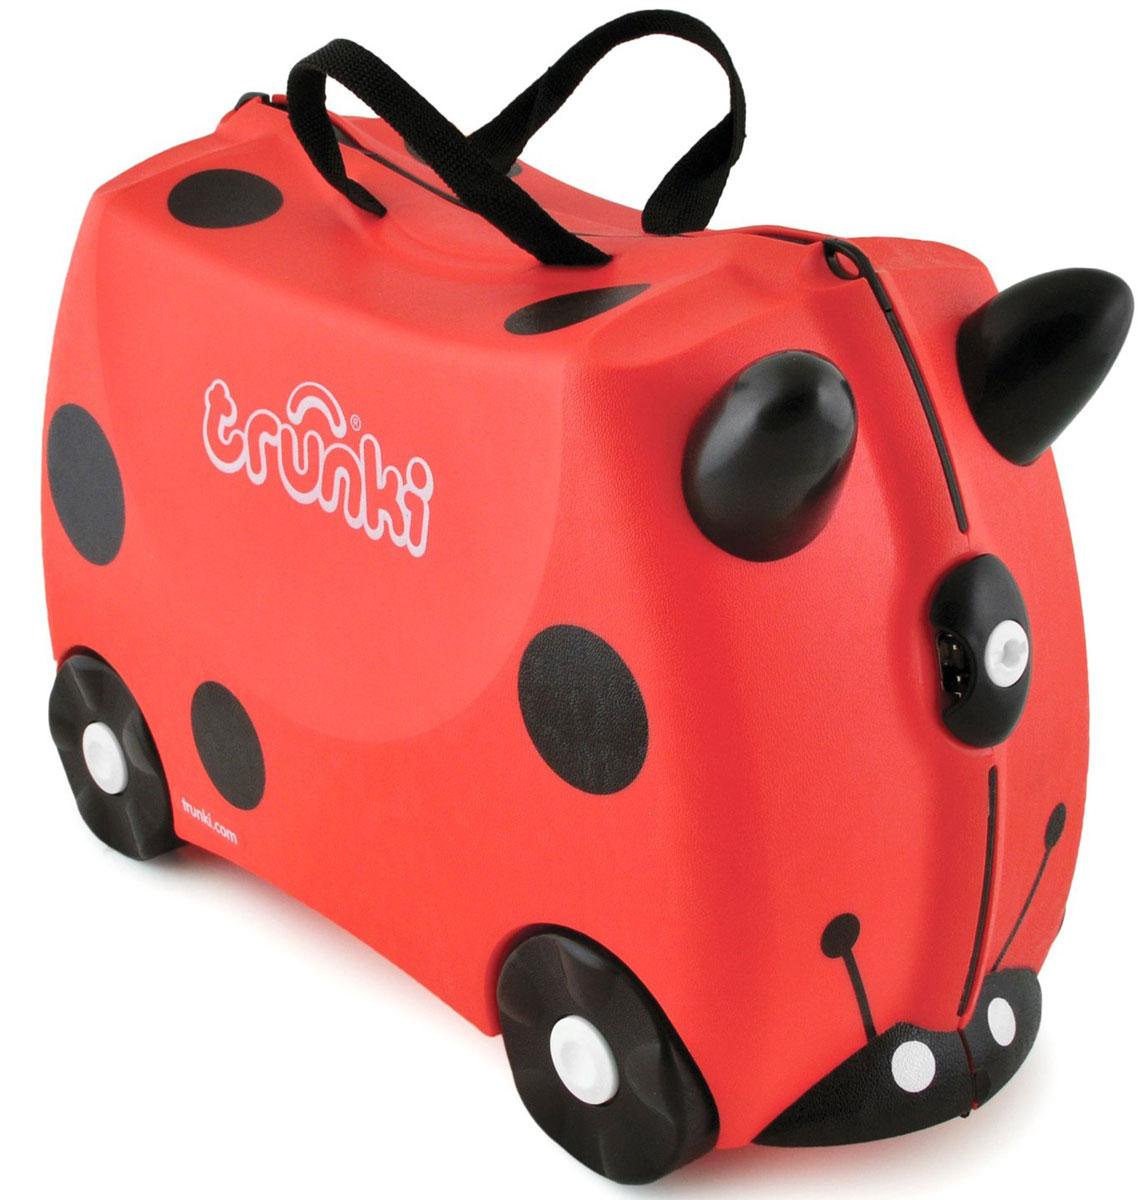 Trunki Чемодан-каталка Божья коровка0092-GB01-P1Детский чемодан-каталка Trunki Божья коровка - оригинальный чемодан на колесах, созданный, чтобы избавить маленьких путешественников от скуки и усталости.Корпус чемодана выполнен в форме седла, чтобы маленькому наезднику было комфортно сидеть. Его расцветка напоминает божью коровку, и когда катишься на нем, можно представлять, что летишь над землей на спине гигантского насекомого. Малыш может держаться за специальные рожки на передней части чемодана. Форма рожек специально разработана для детских ручек. Чемодан имеет 4 колеса и стабилизаторы, которые не позволят чемодану опрокинуться. Для переноски у чемодана предусмотрены 2 текстильные ручки, а также ремень через плечо, который можно использовать для буксировки чемодана. Чемодан содержит вместительное отделение с фиксирующейся Х-образной резинкой. Также в чемодане имеется длинный кармашек для мелочей. Закрывается чемодан на две защелки. Крышка чемодана плотно прилегает к основанию, уплотнитель между ними не позволит мелким предметам выпасть из него.Чемодан-каталка Trunki Божья коровка поможет ребенку не заскучать во время длительных перелетов и ожидания в аэропорту.